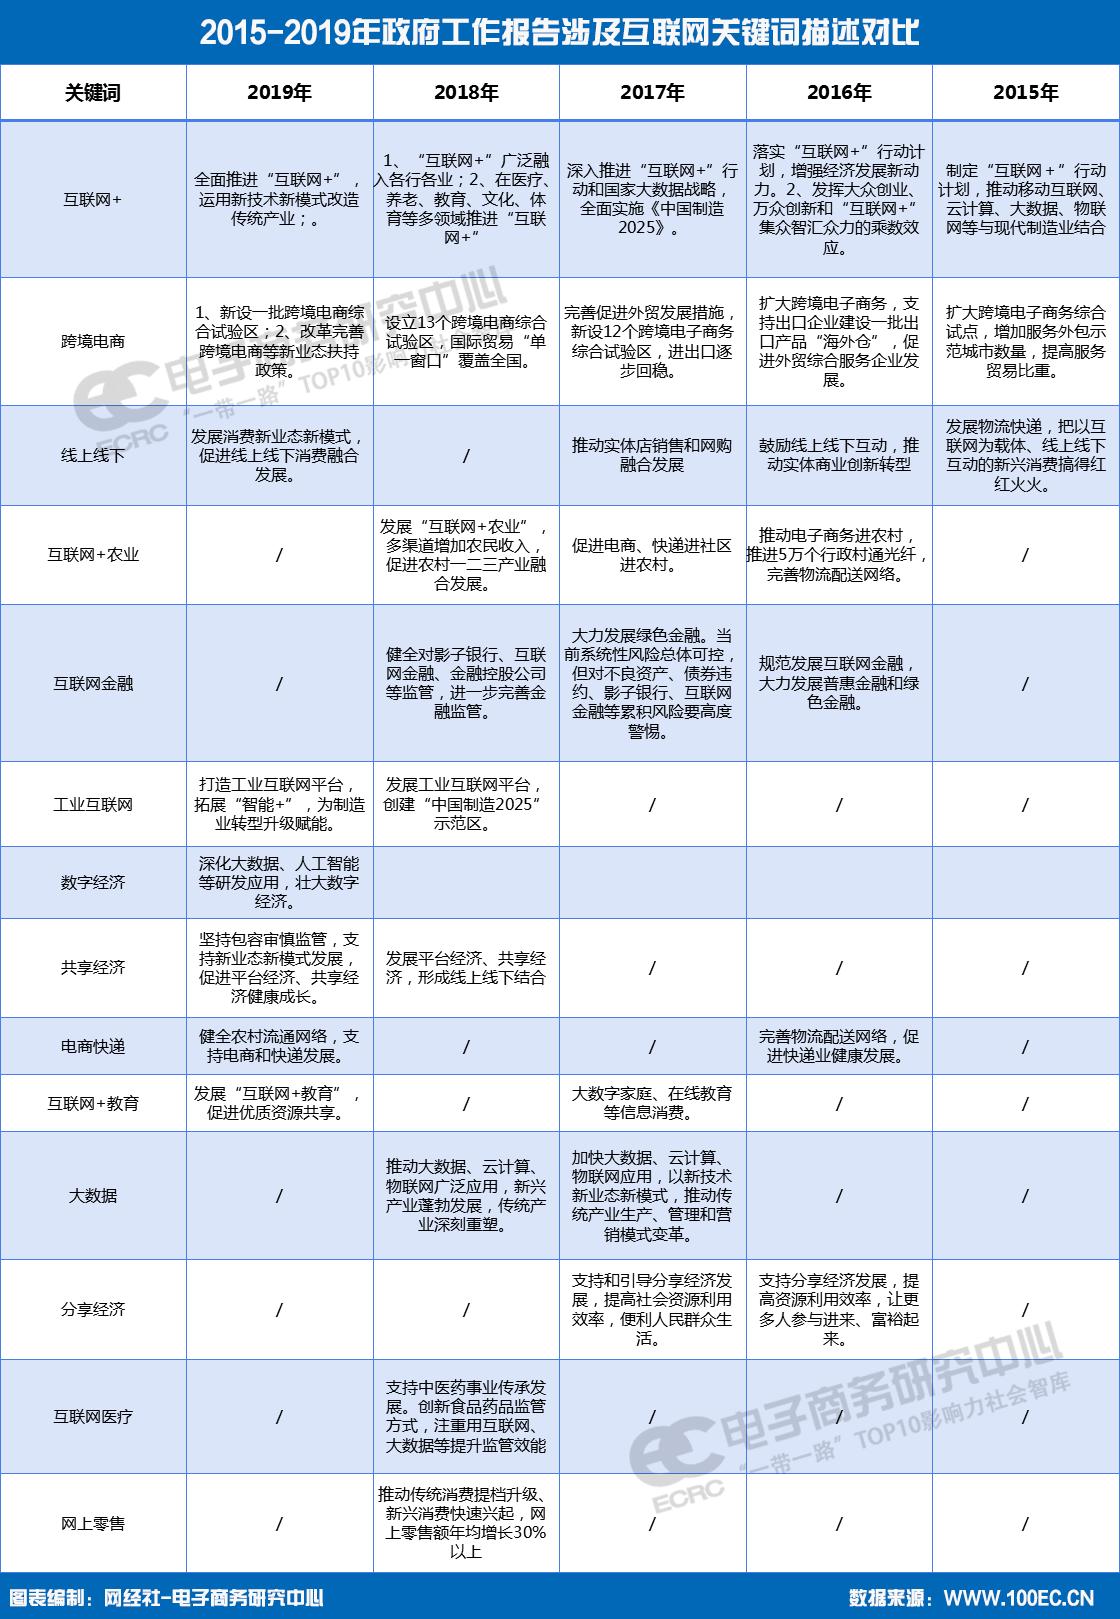 2015-2019年政府工作报告涉及互联网关键词对比.png